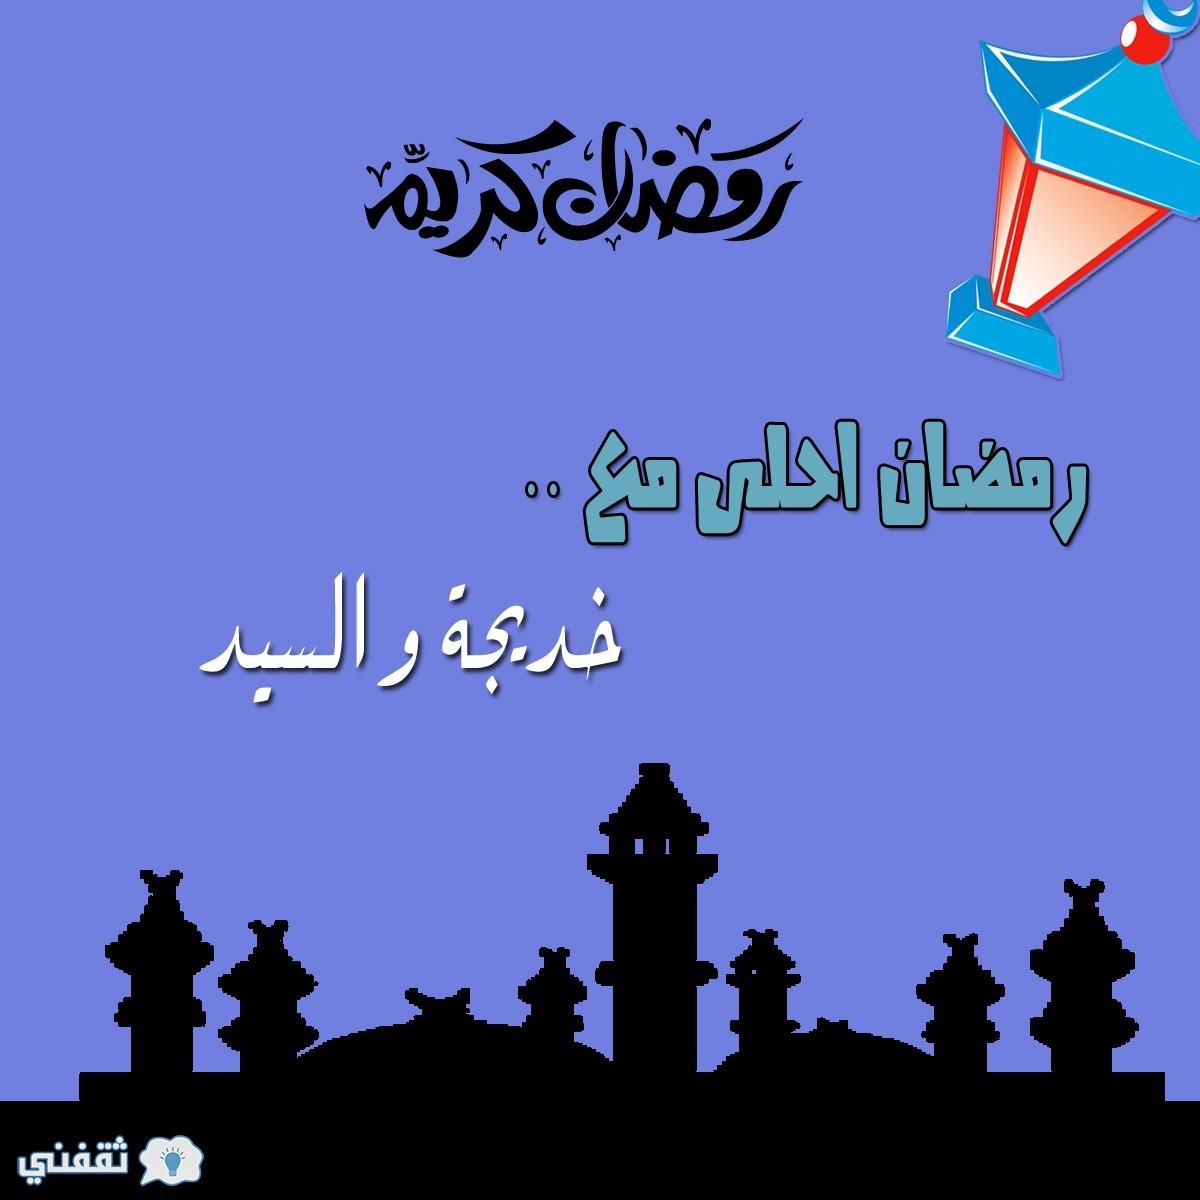 رمضان احلى مع خديجة و السيد